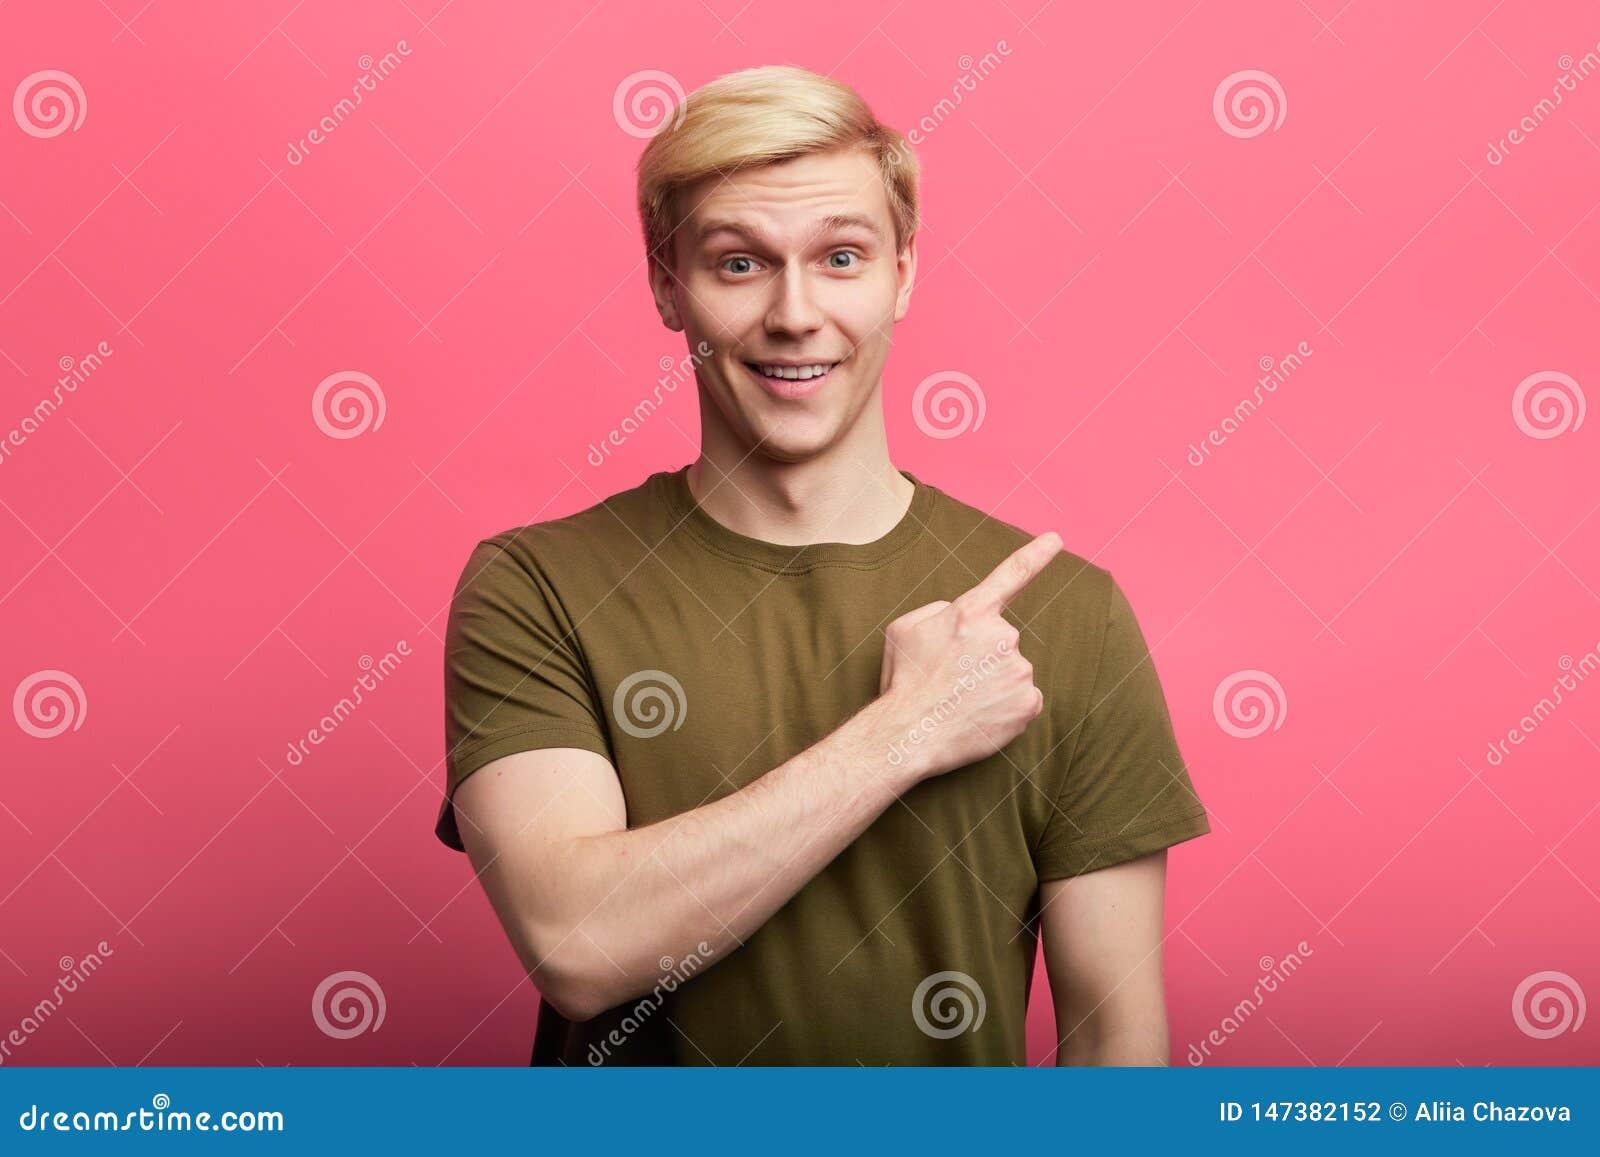 Εύθυμος ξανθομάλλης μοντέρνος τύπος που δείχνει το δάχτυλο κάπου